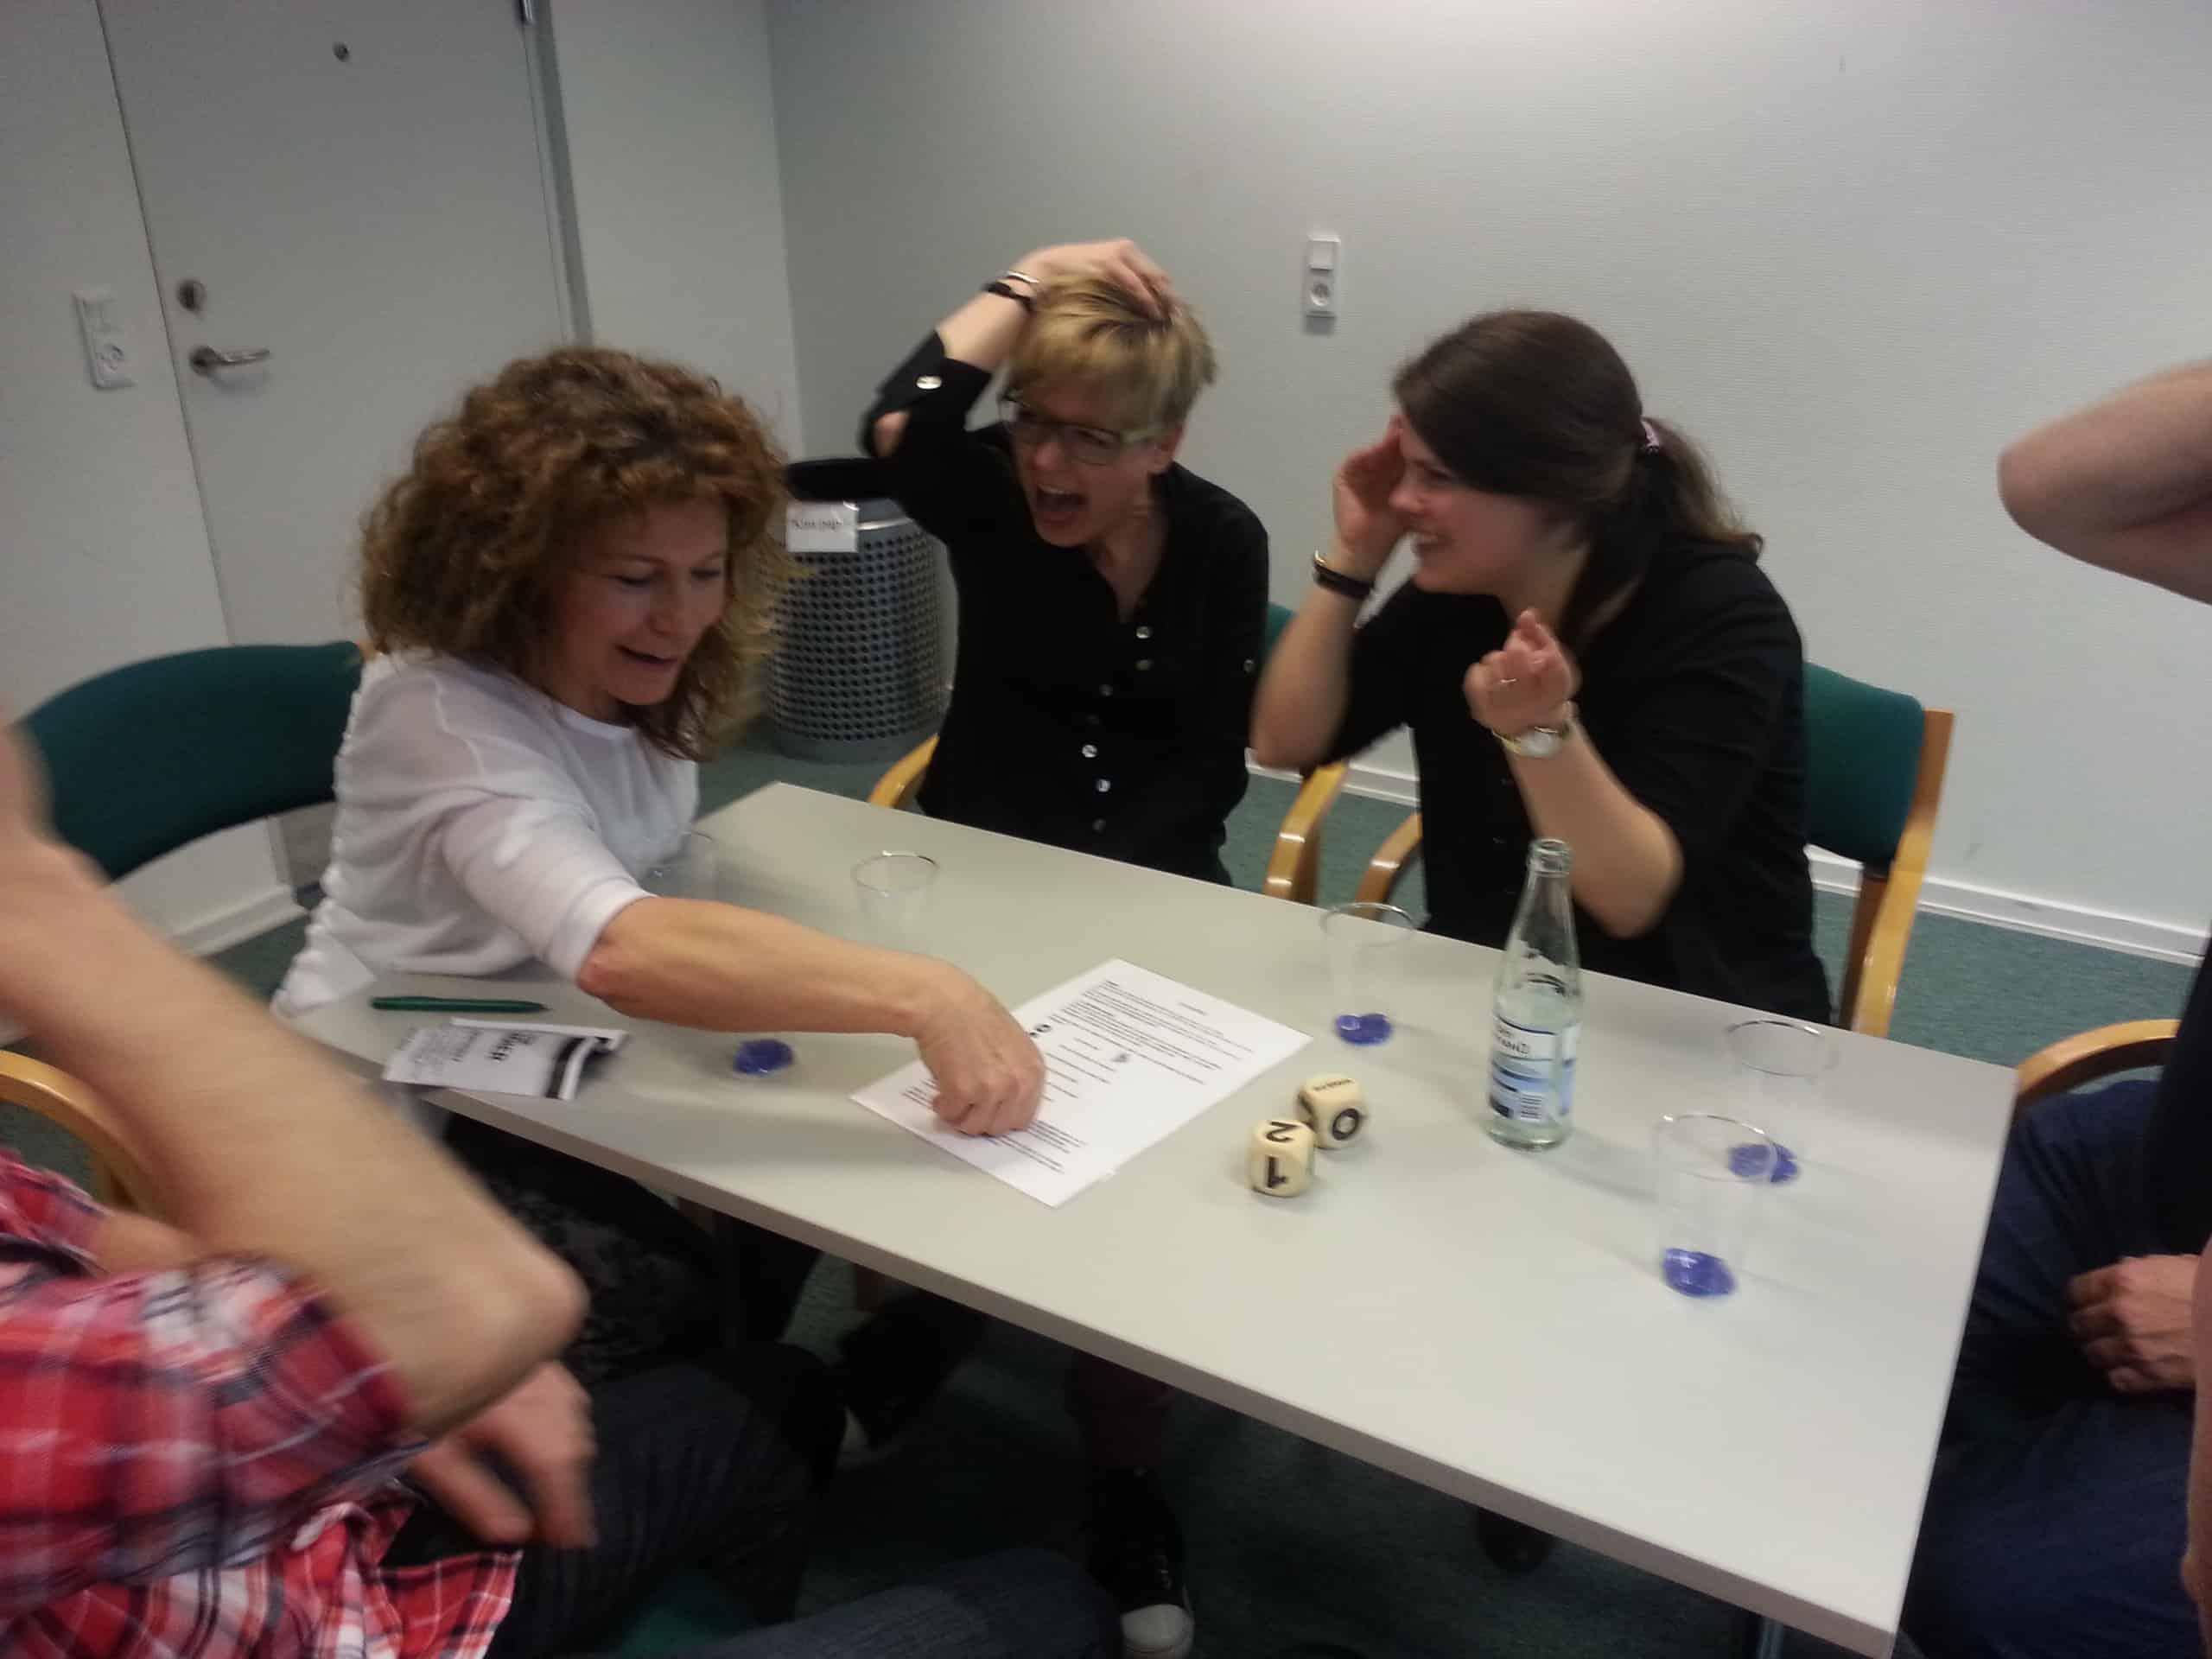 På billedet ses en gruppe i fuld færd med at lave teambuilding øvelser